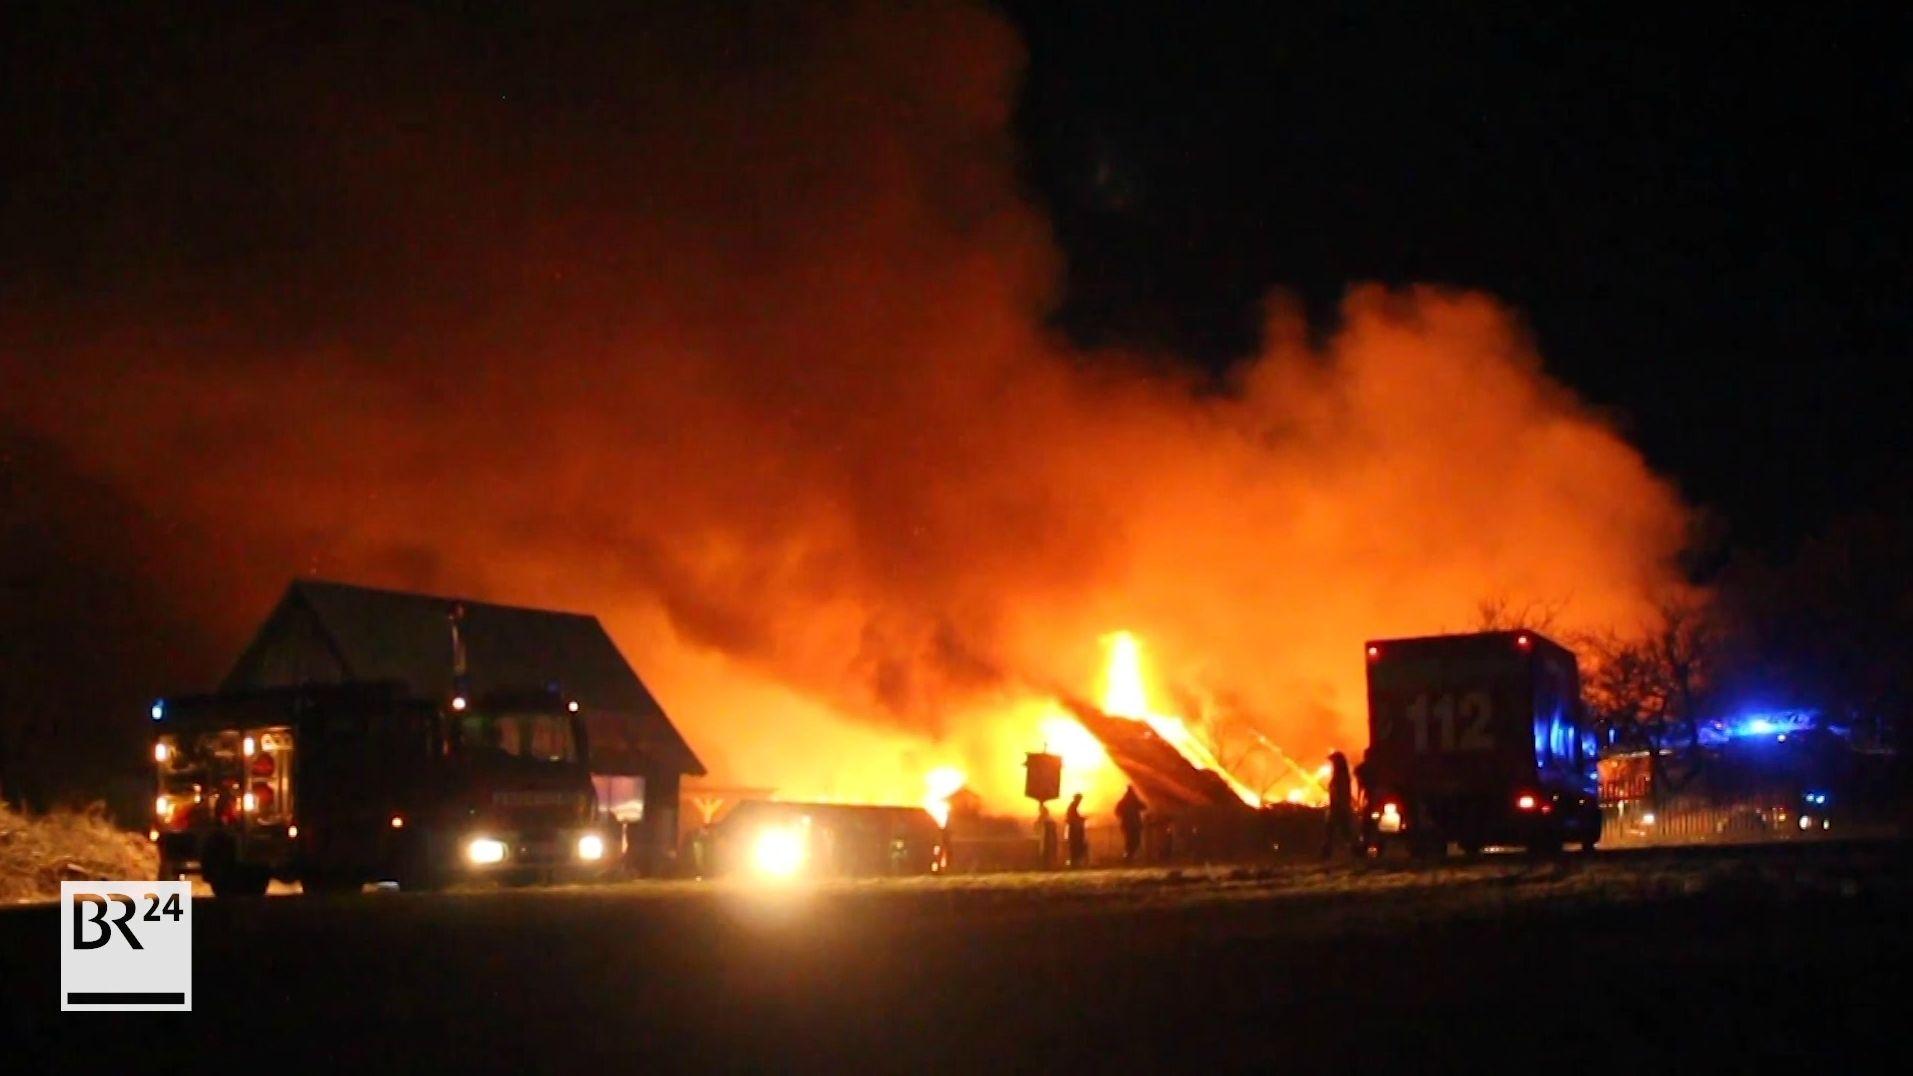 Lichterloh brennt ein Reiterhof, im Vordergrund mehrere Feuerwehrleute.